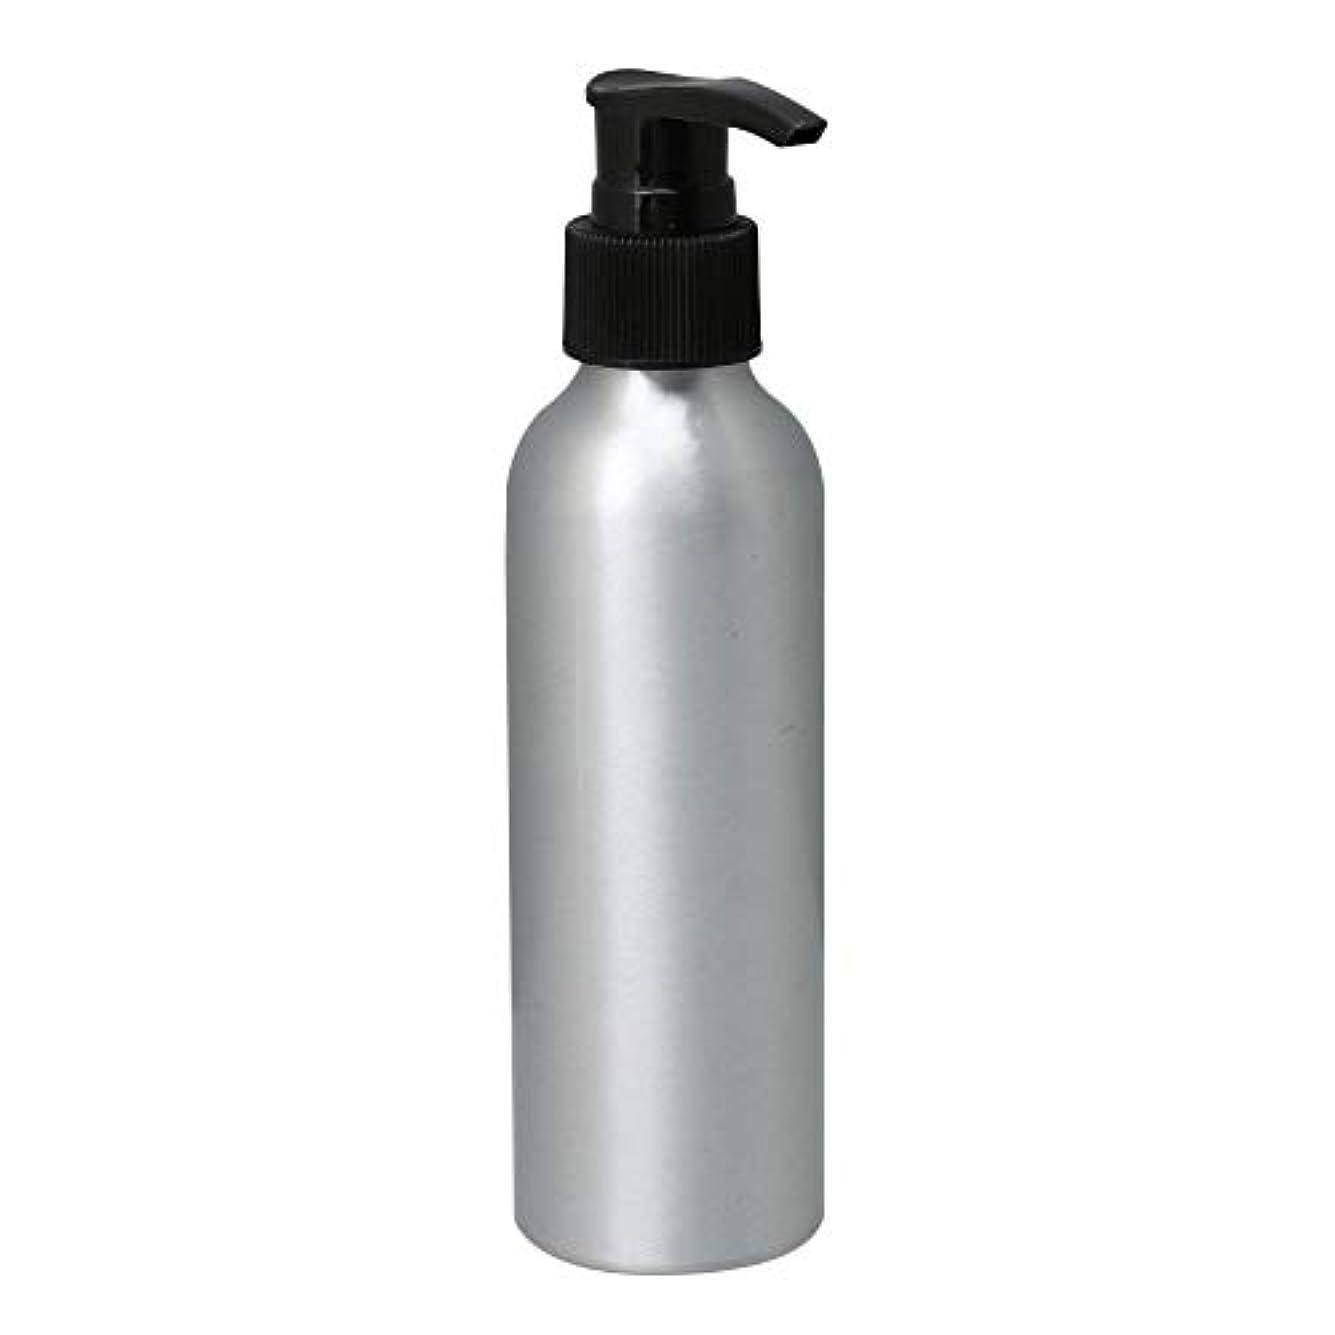 反射感嘆カップルポンプボトル 150ml コスメ用詰替え容器 詰め替え用ボトル アルミボトル 繰り返し使用 噴霧器 アルミボトル 黒ポンプヘッド